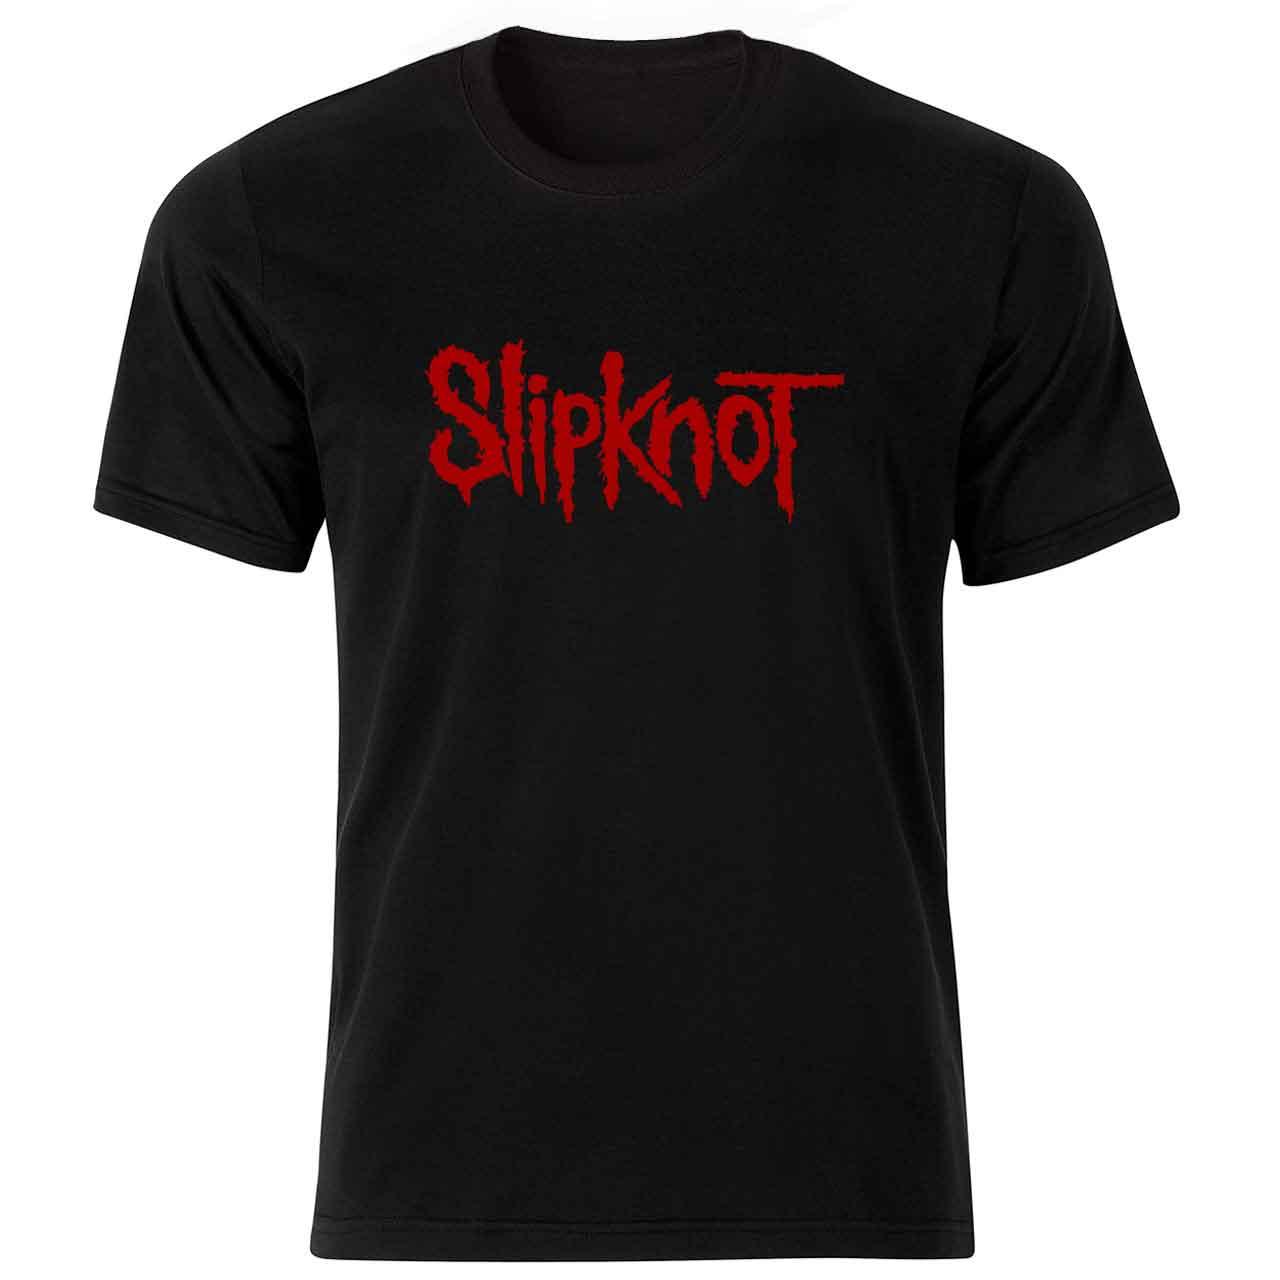 تیشرت مردانه طرح Slipknot کد 36147 BR